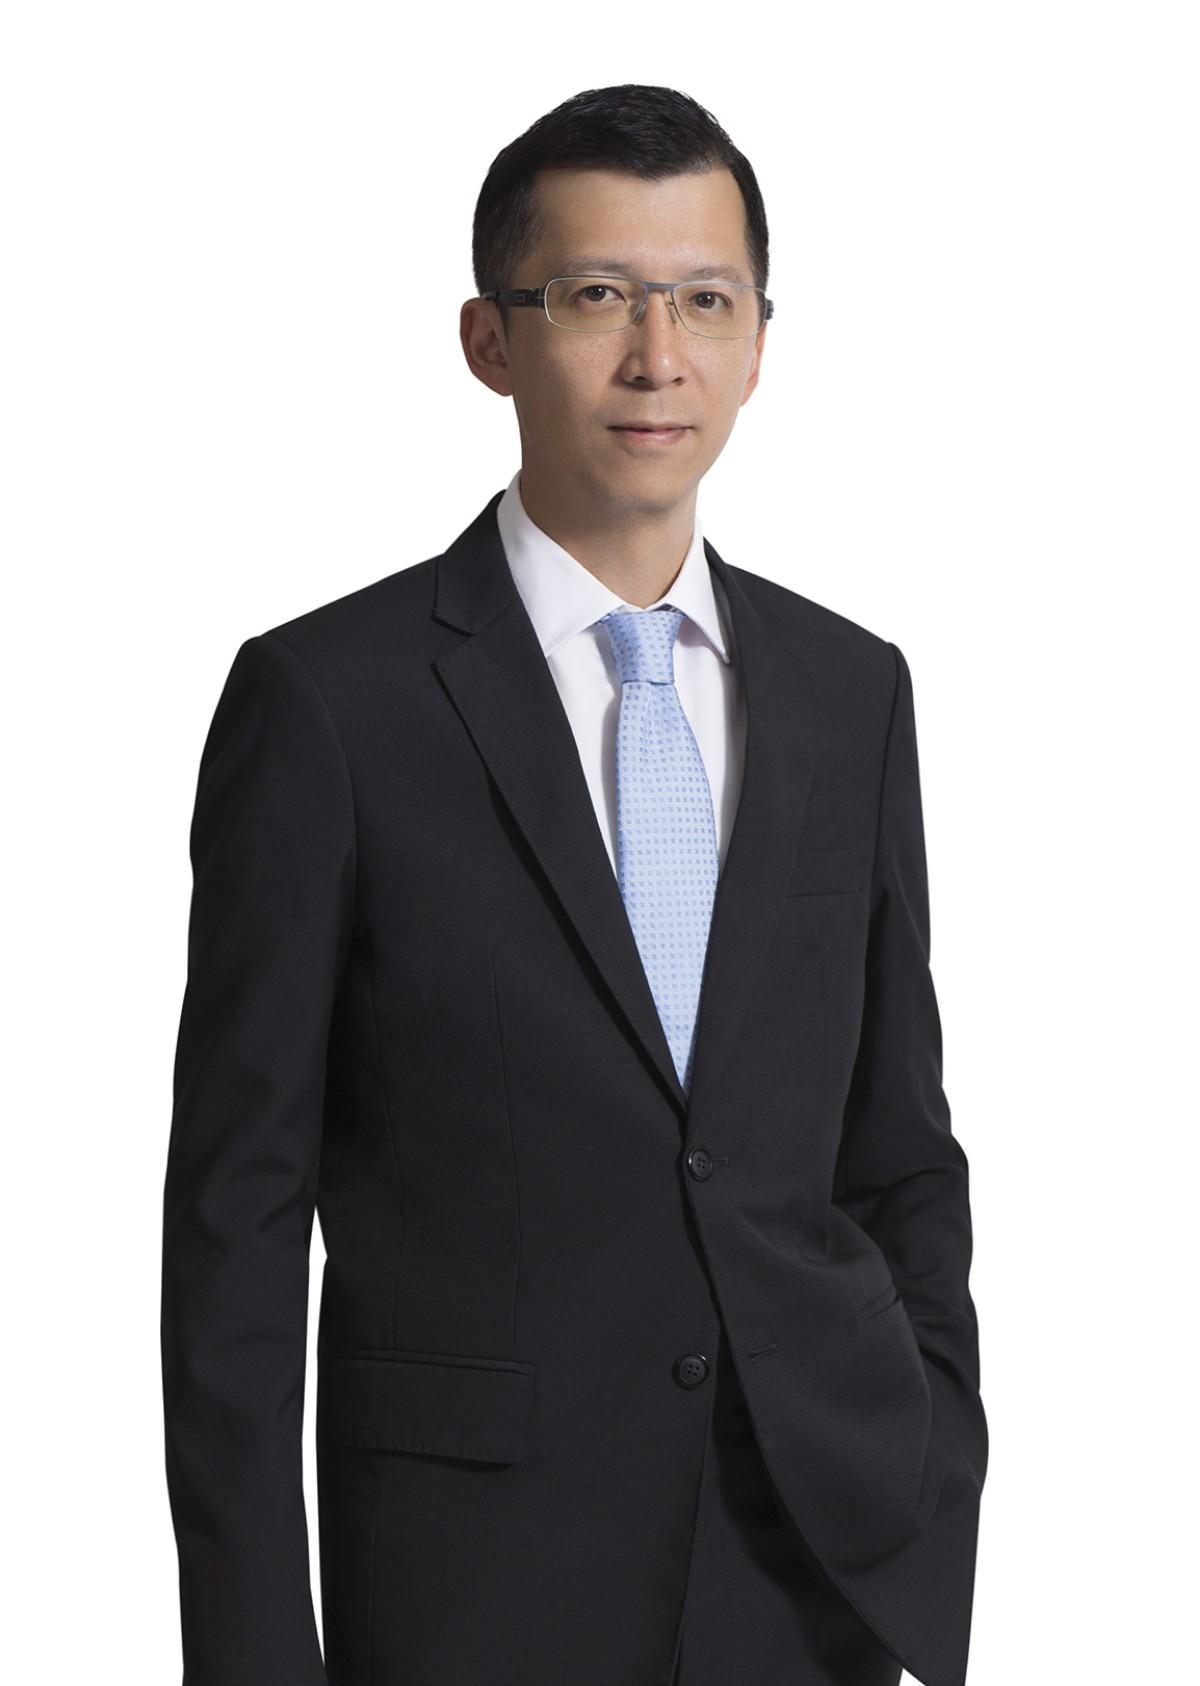 TMBเผยผู้ถือหุ้นใช้สิทธิ์ซื้อหุ้นเพิ่มทุน90%-เดินหน้าแผนควบรวม